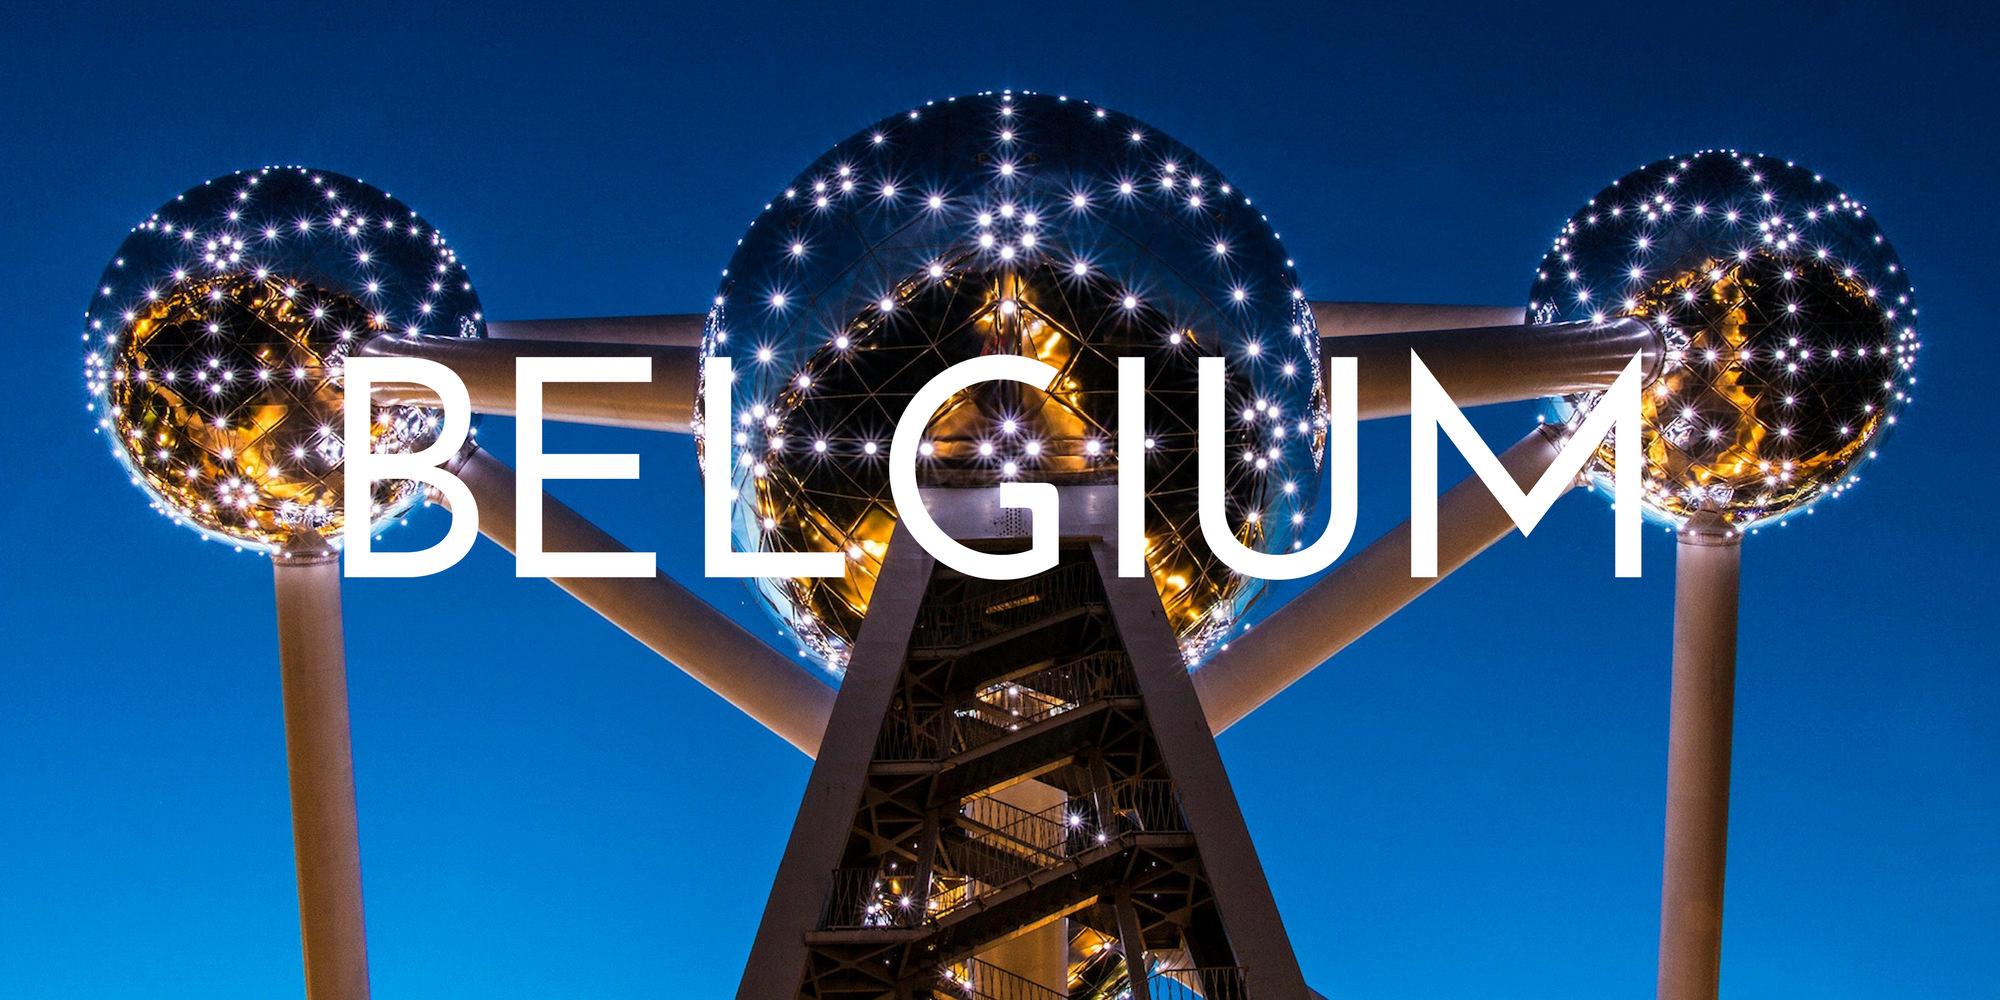 Belgium - Authentic Traveling - Header